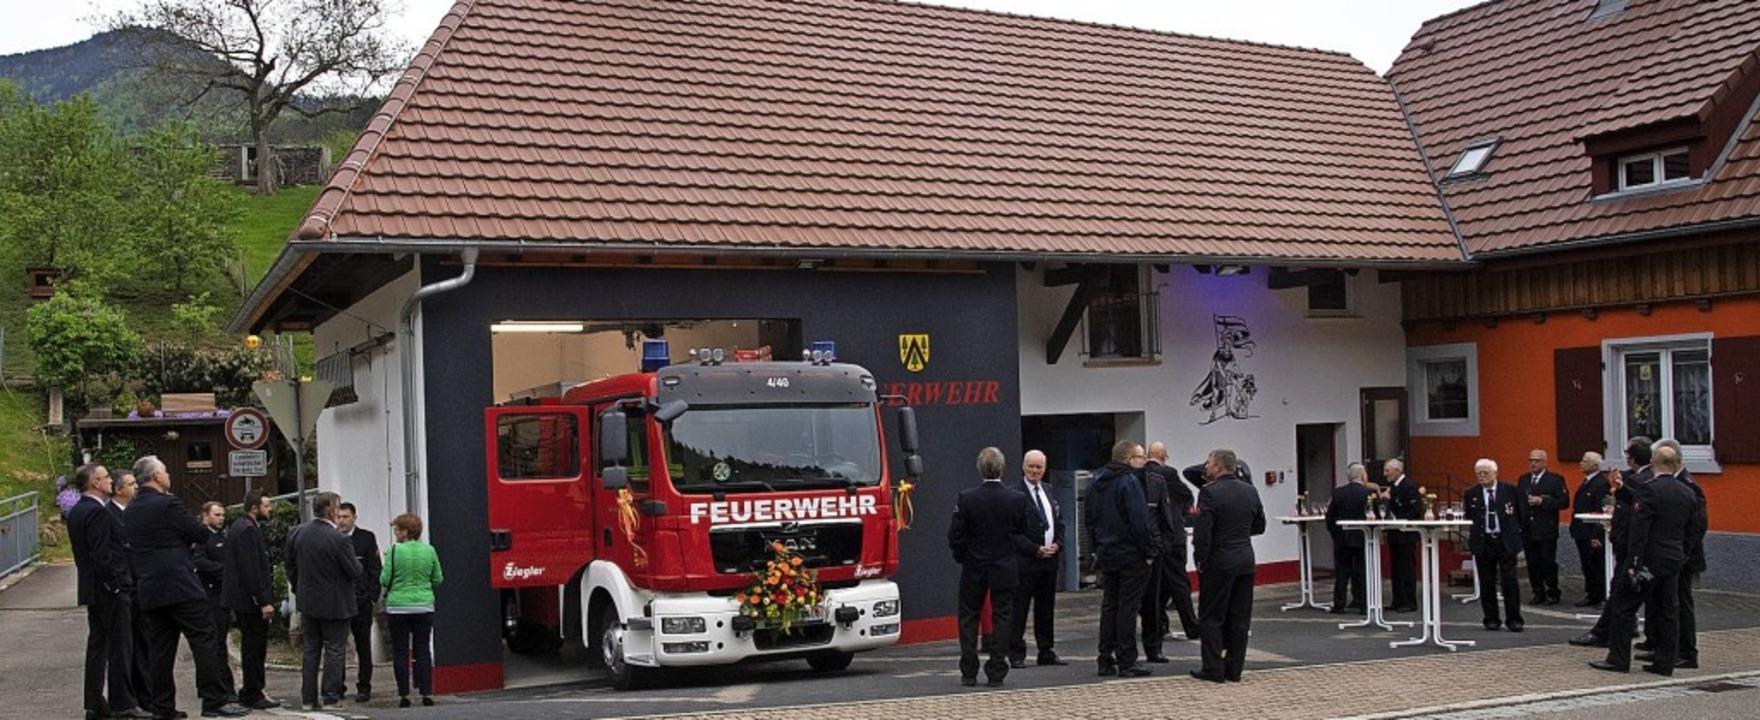 Offiziell in Dienst gestellt wurde das...wehrhaus seiner Bestimmung übergeben.   | Foto: Volker Münch